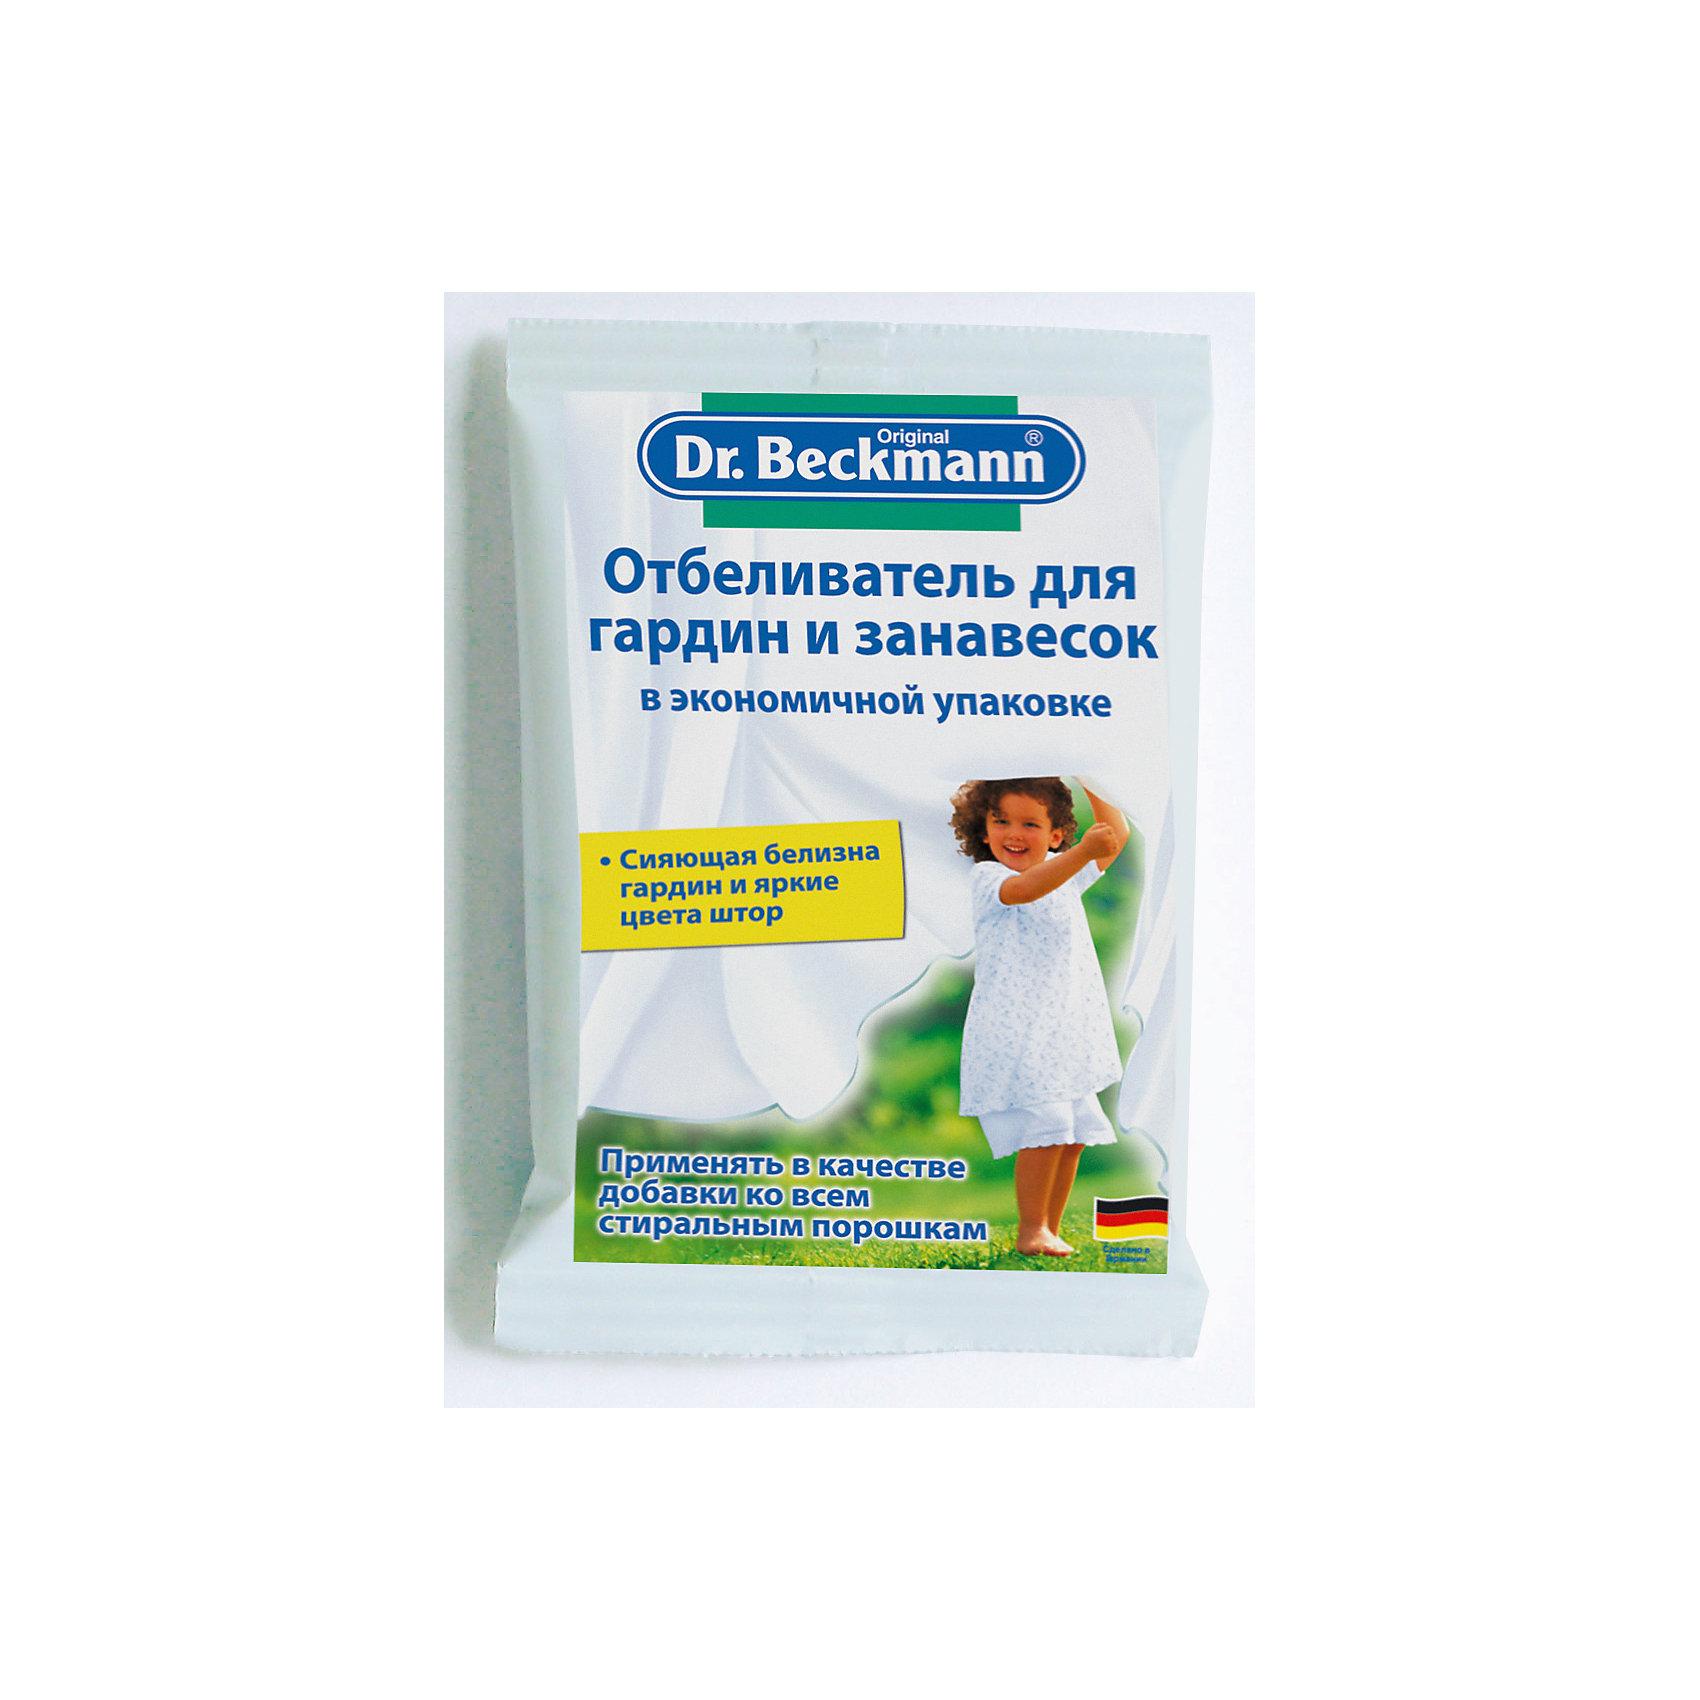 Отбеливатель для гардин и занавесок в экономичной упаковке, 80 гр, Dr.Beckmann